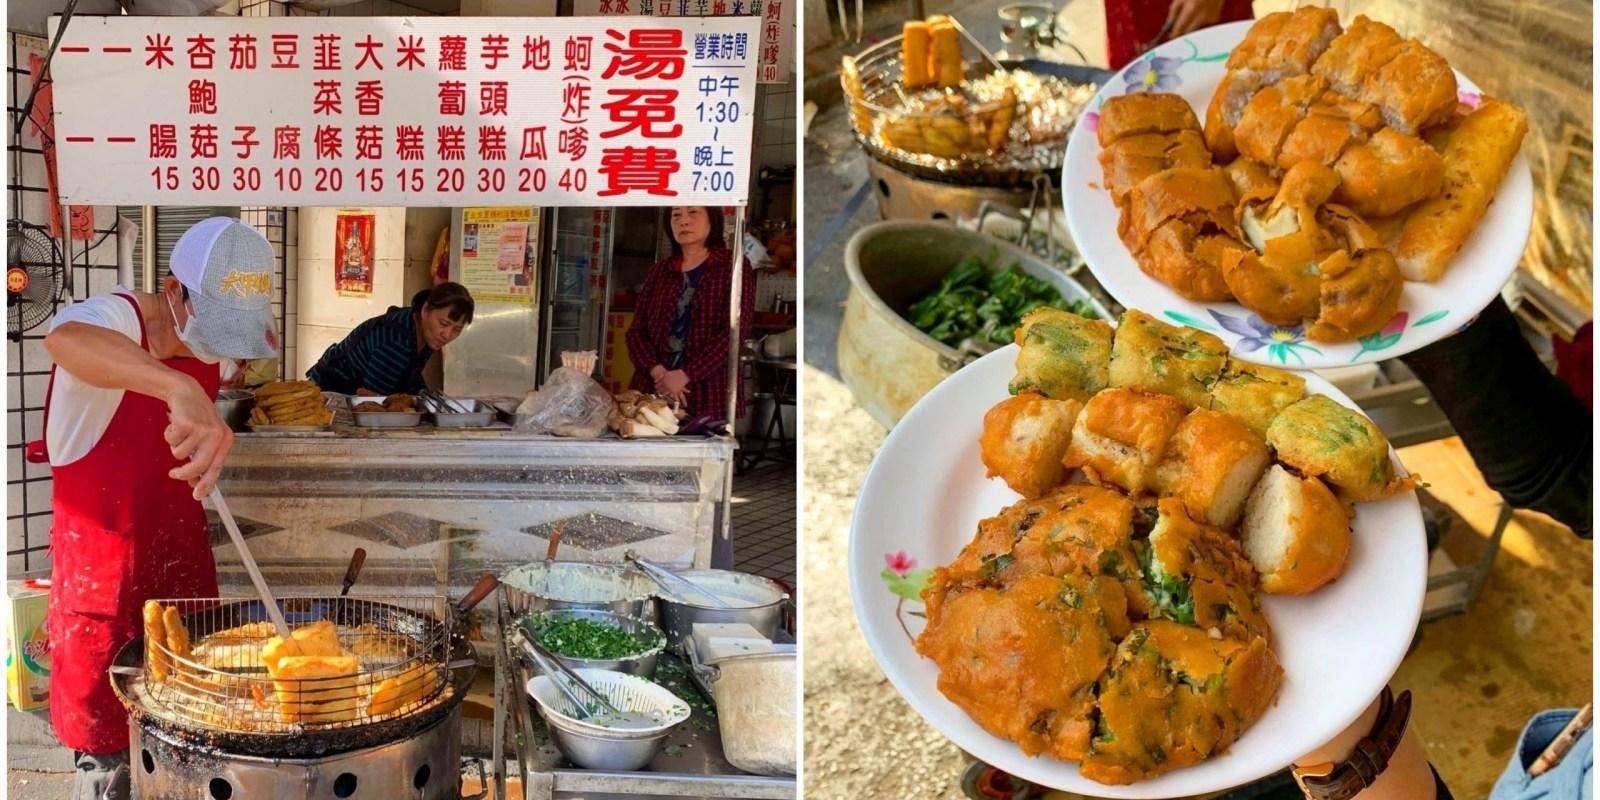 [台中美食] 進化北路無名炸粿(阿忠炸粿) - 老饕才知道這家!路邊超熱門的炸物攤